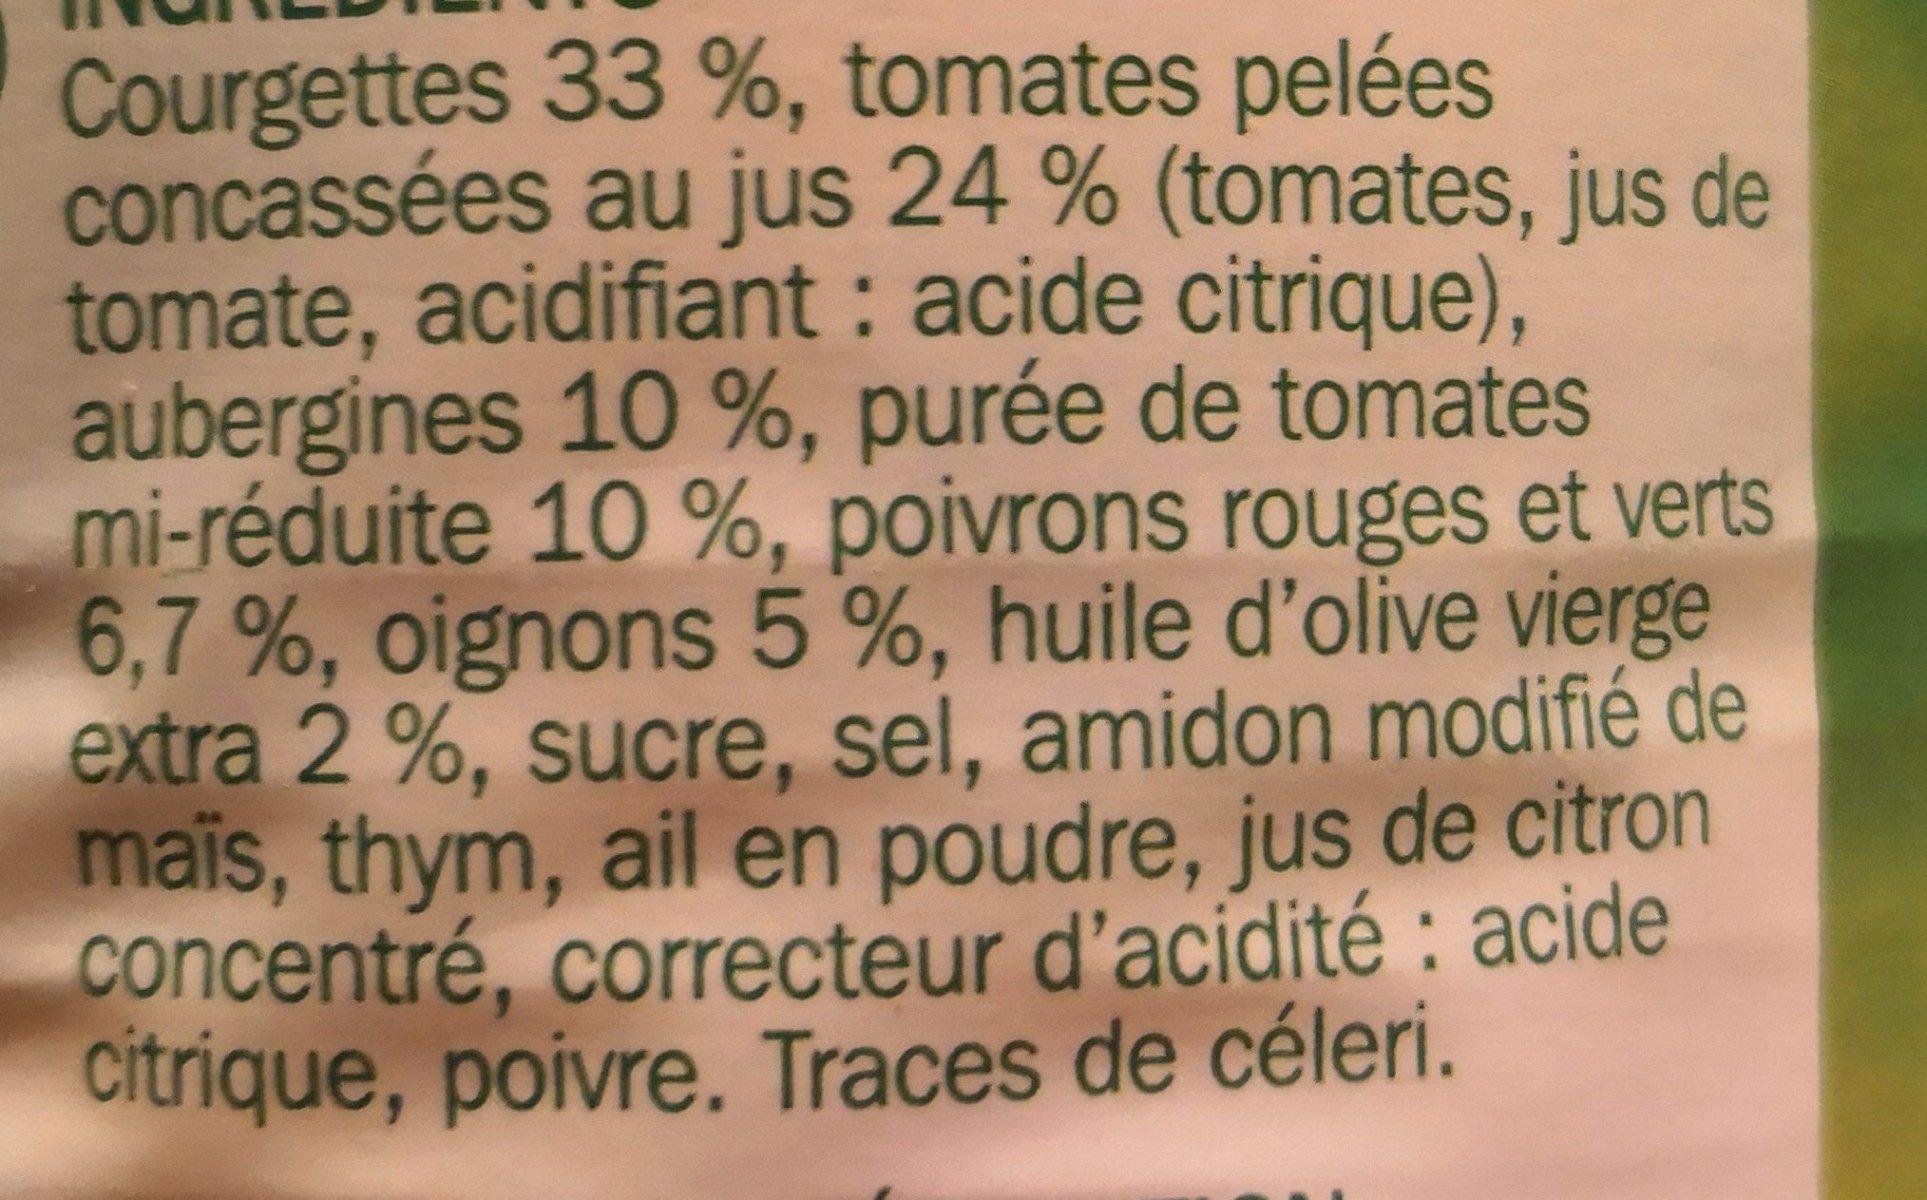 Ratatouille provencale 4/4 - Ingrédients - fr